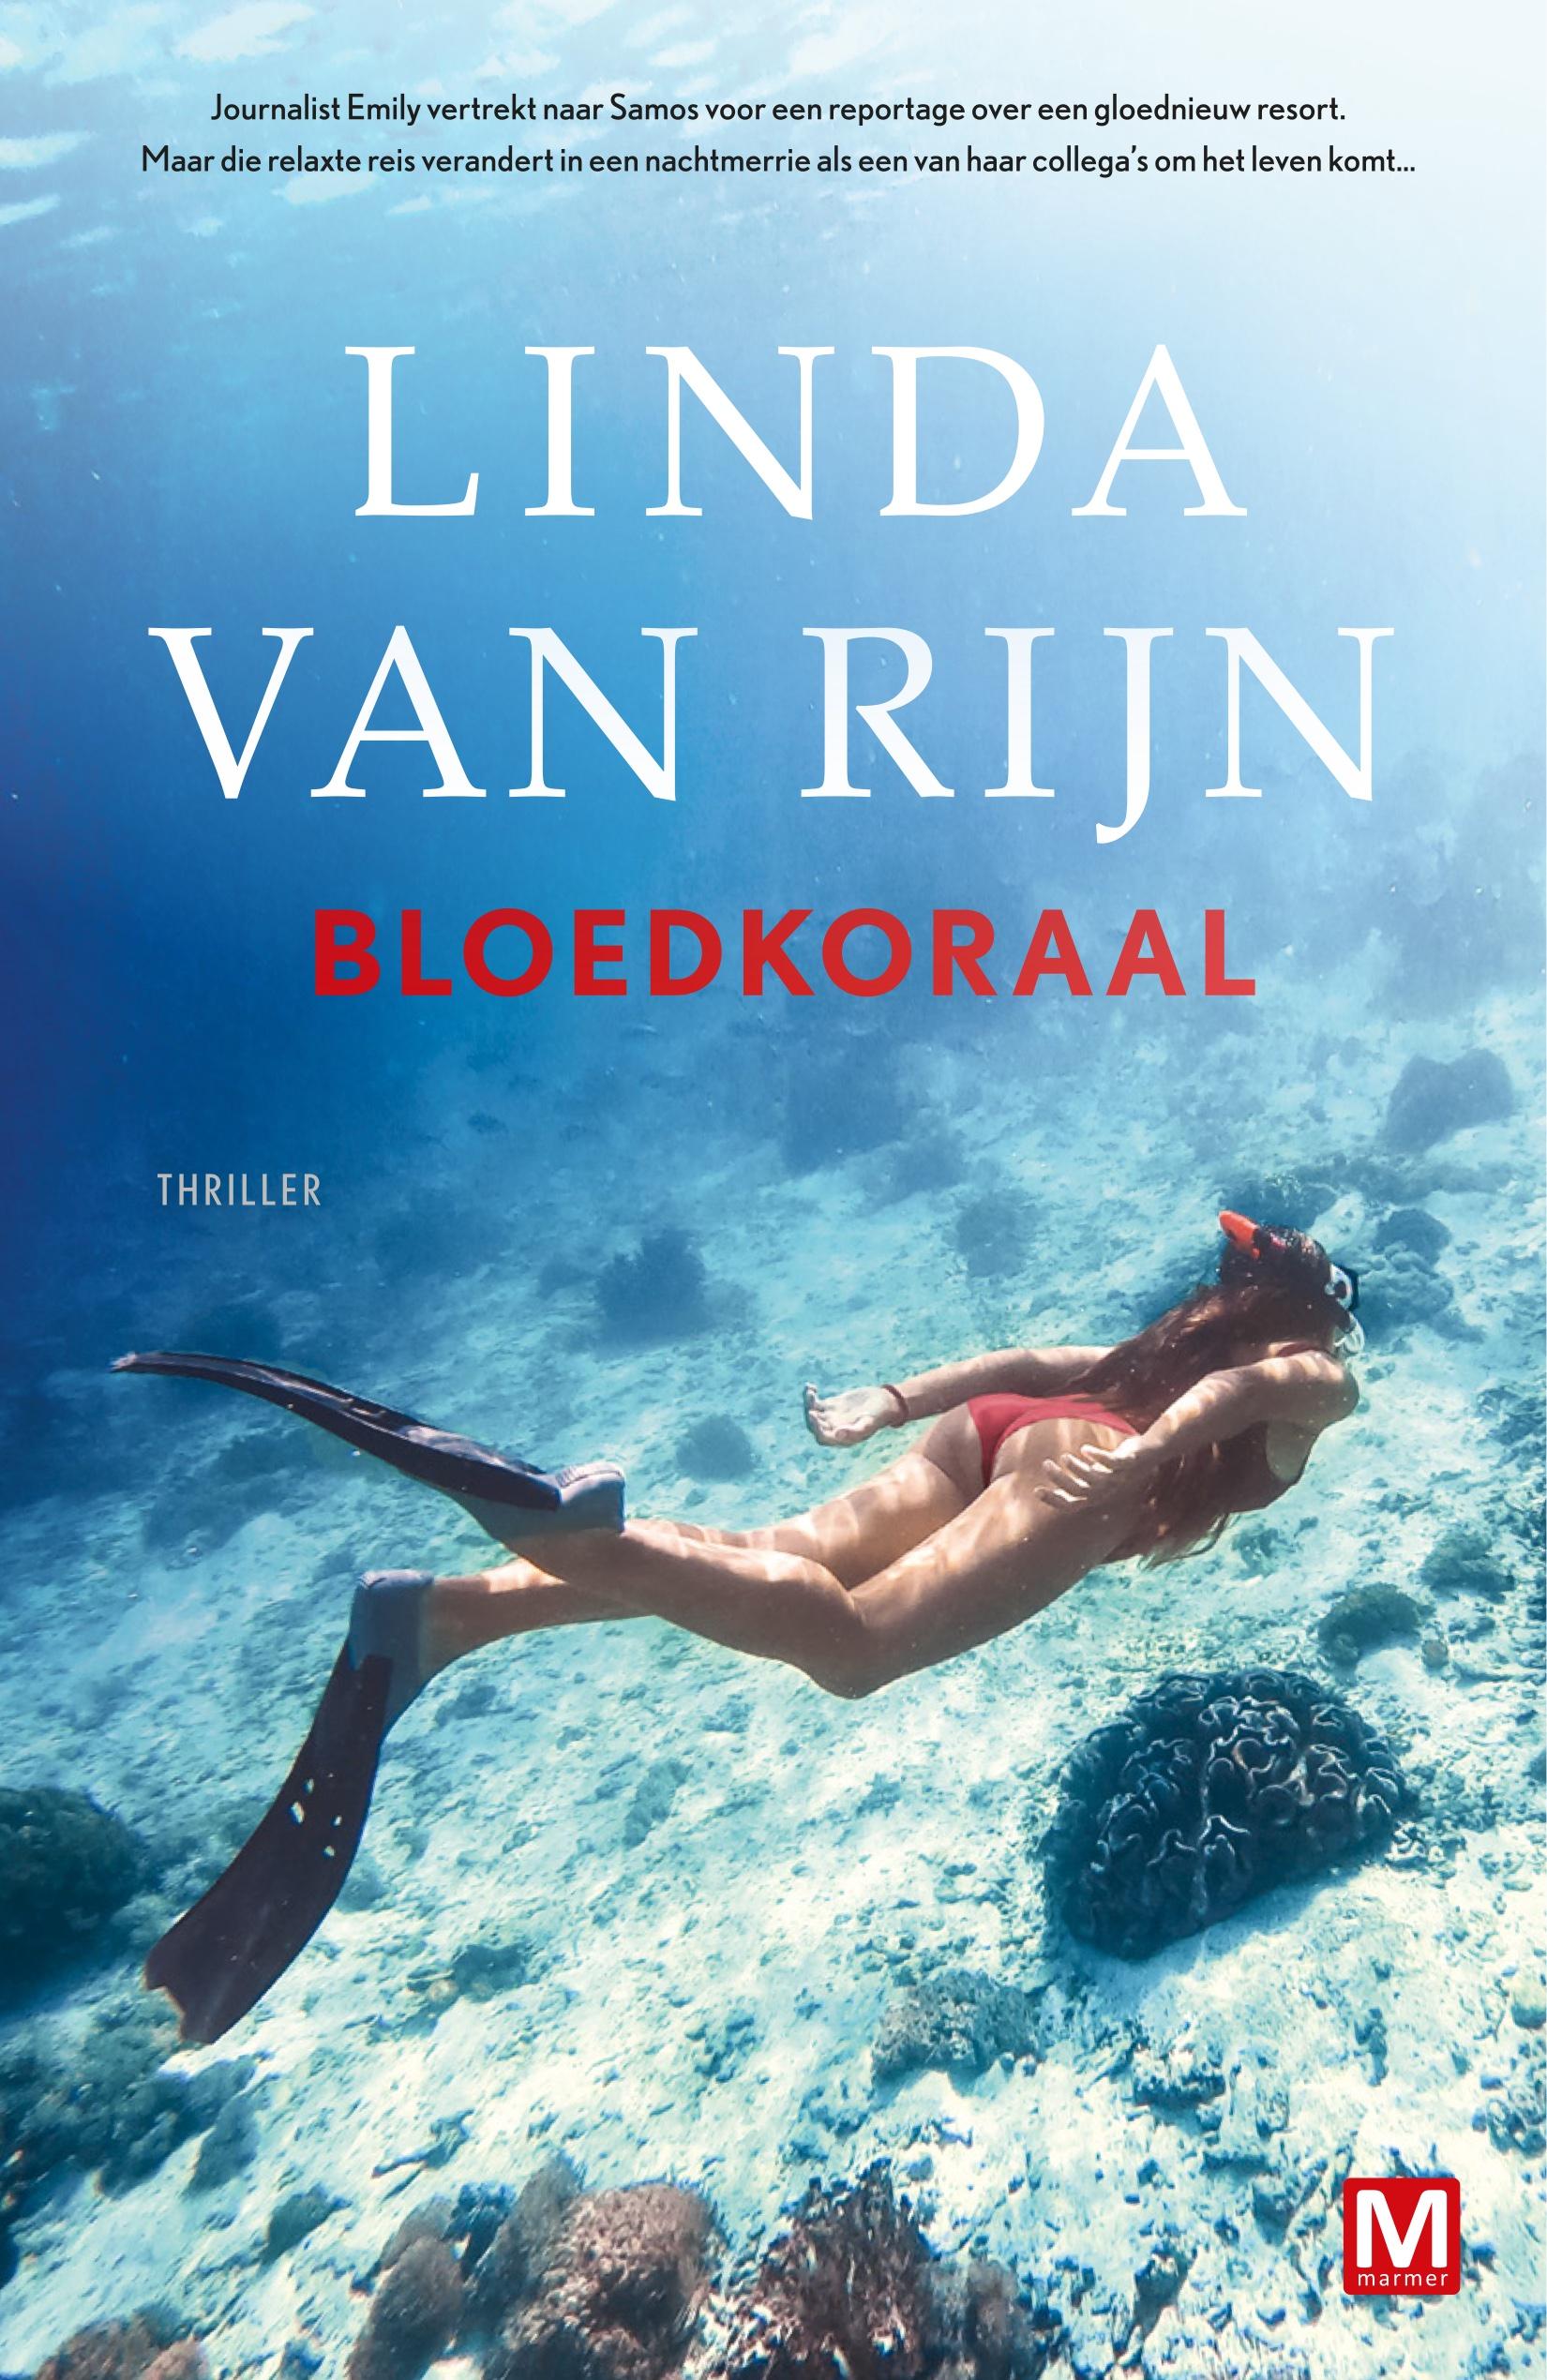 Bloedkoraal - boekenflits